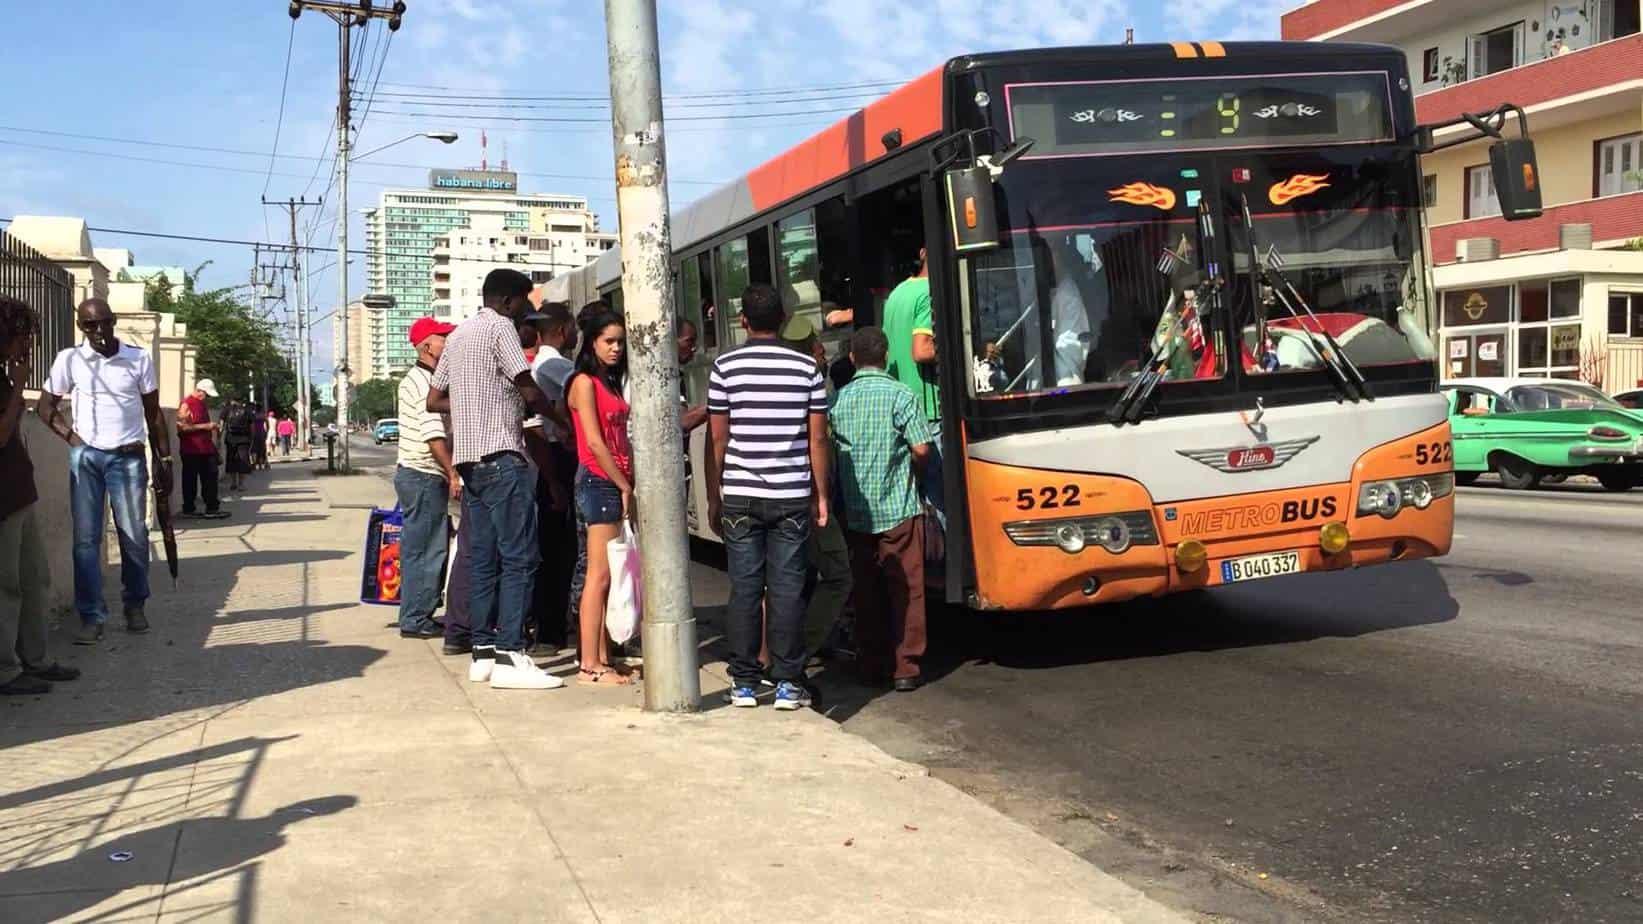 ¿Cómo olvidar qué es montarse en una guagua en Cuba?